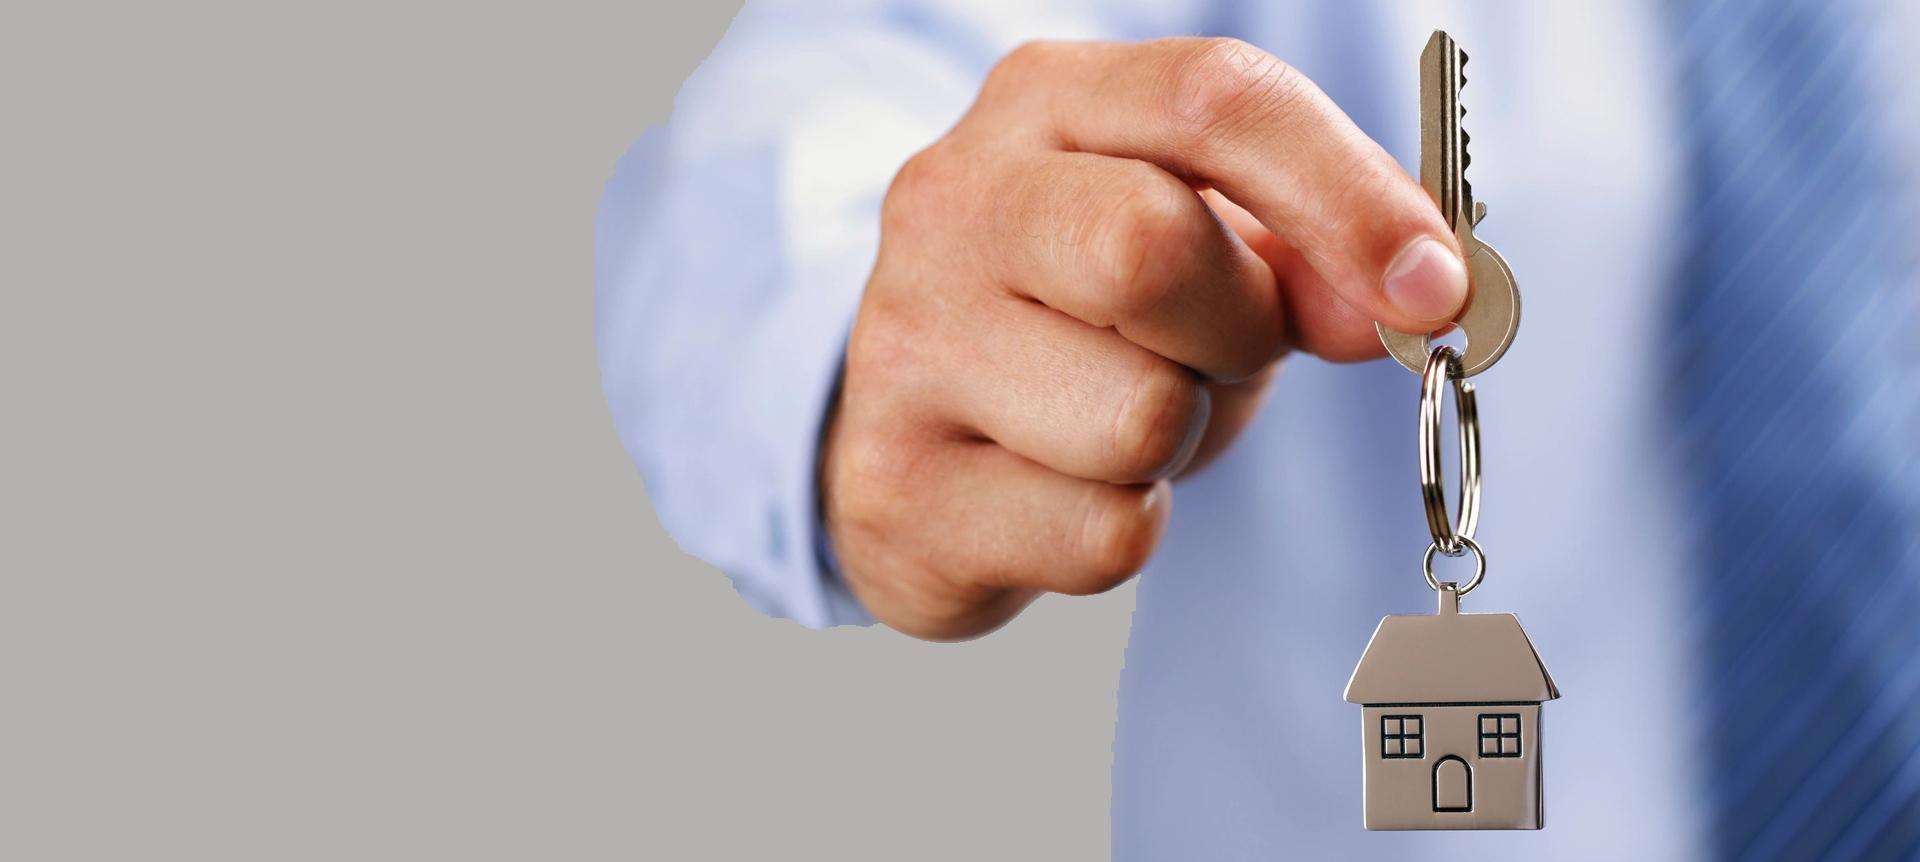 Жилищная кооперация поможет справиться с кризисом на рынке жилья